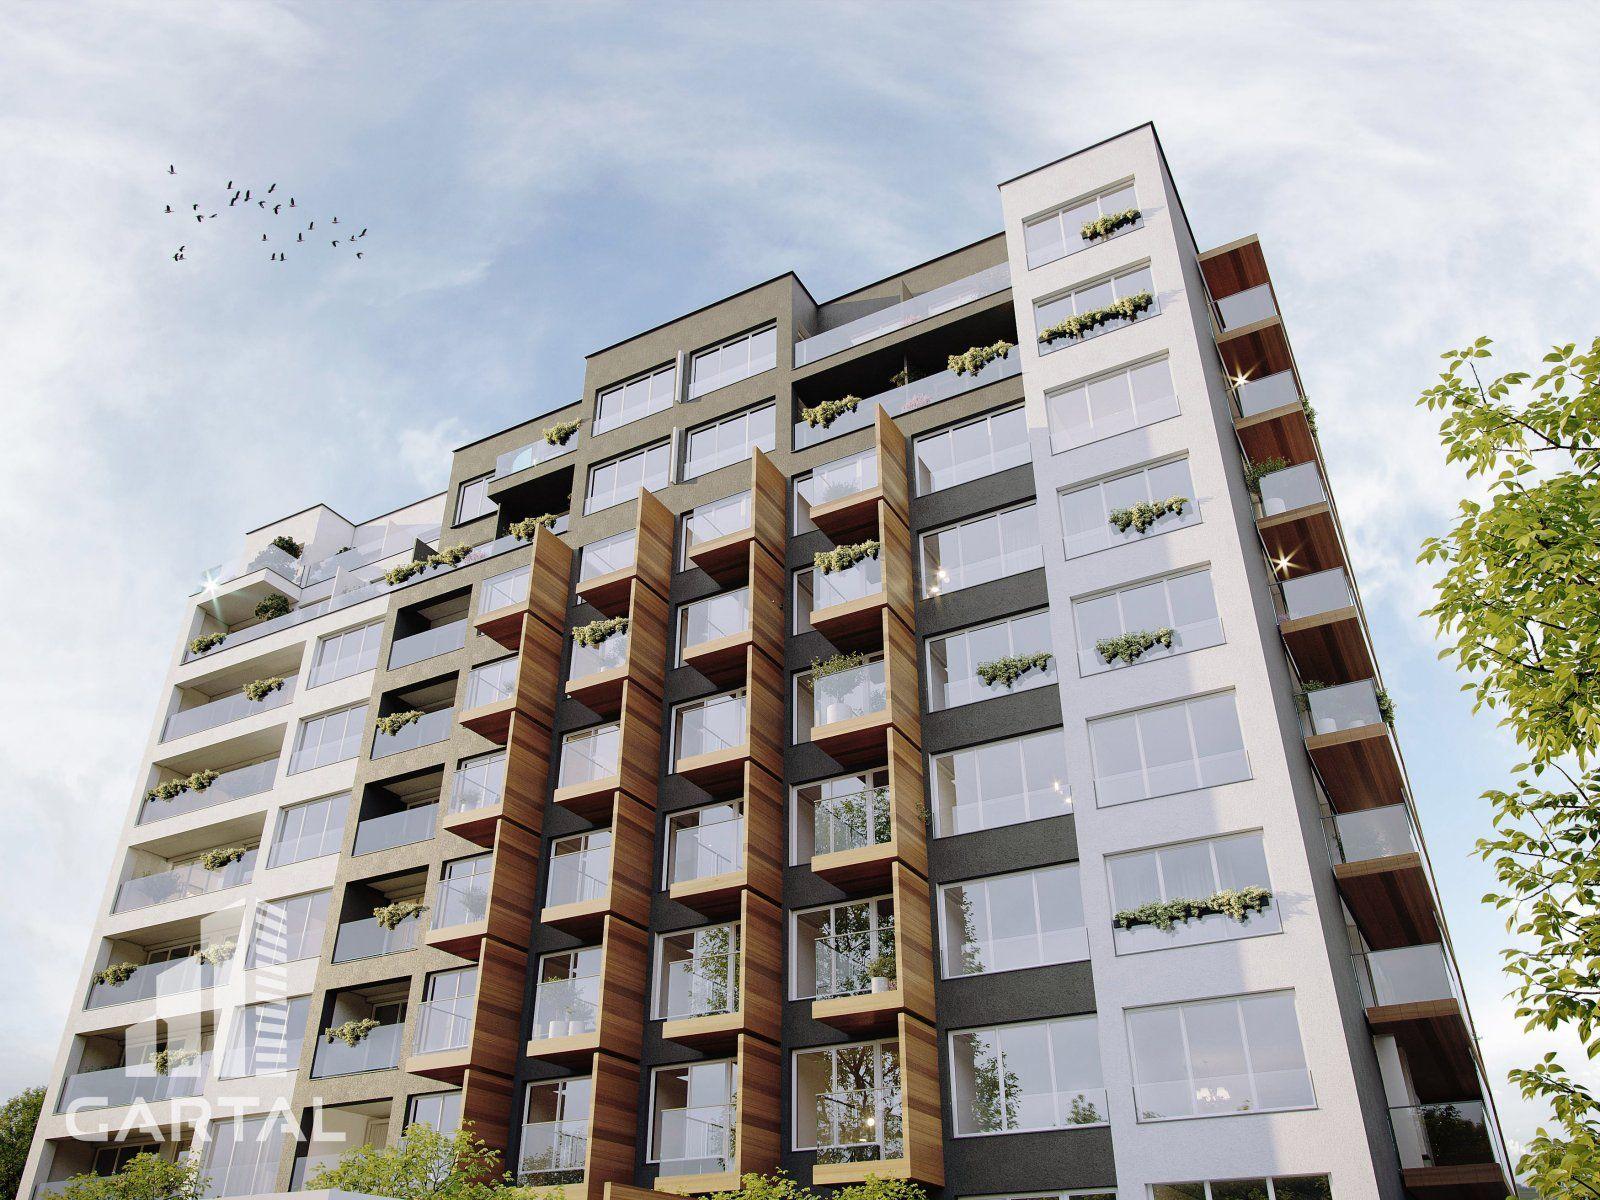 Elegantní 4+kk na Praze 4 s francouzskými okny, podlahovým vytápěním, balkon a 2 terasy.